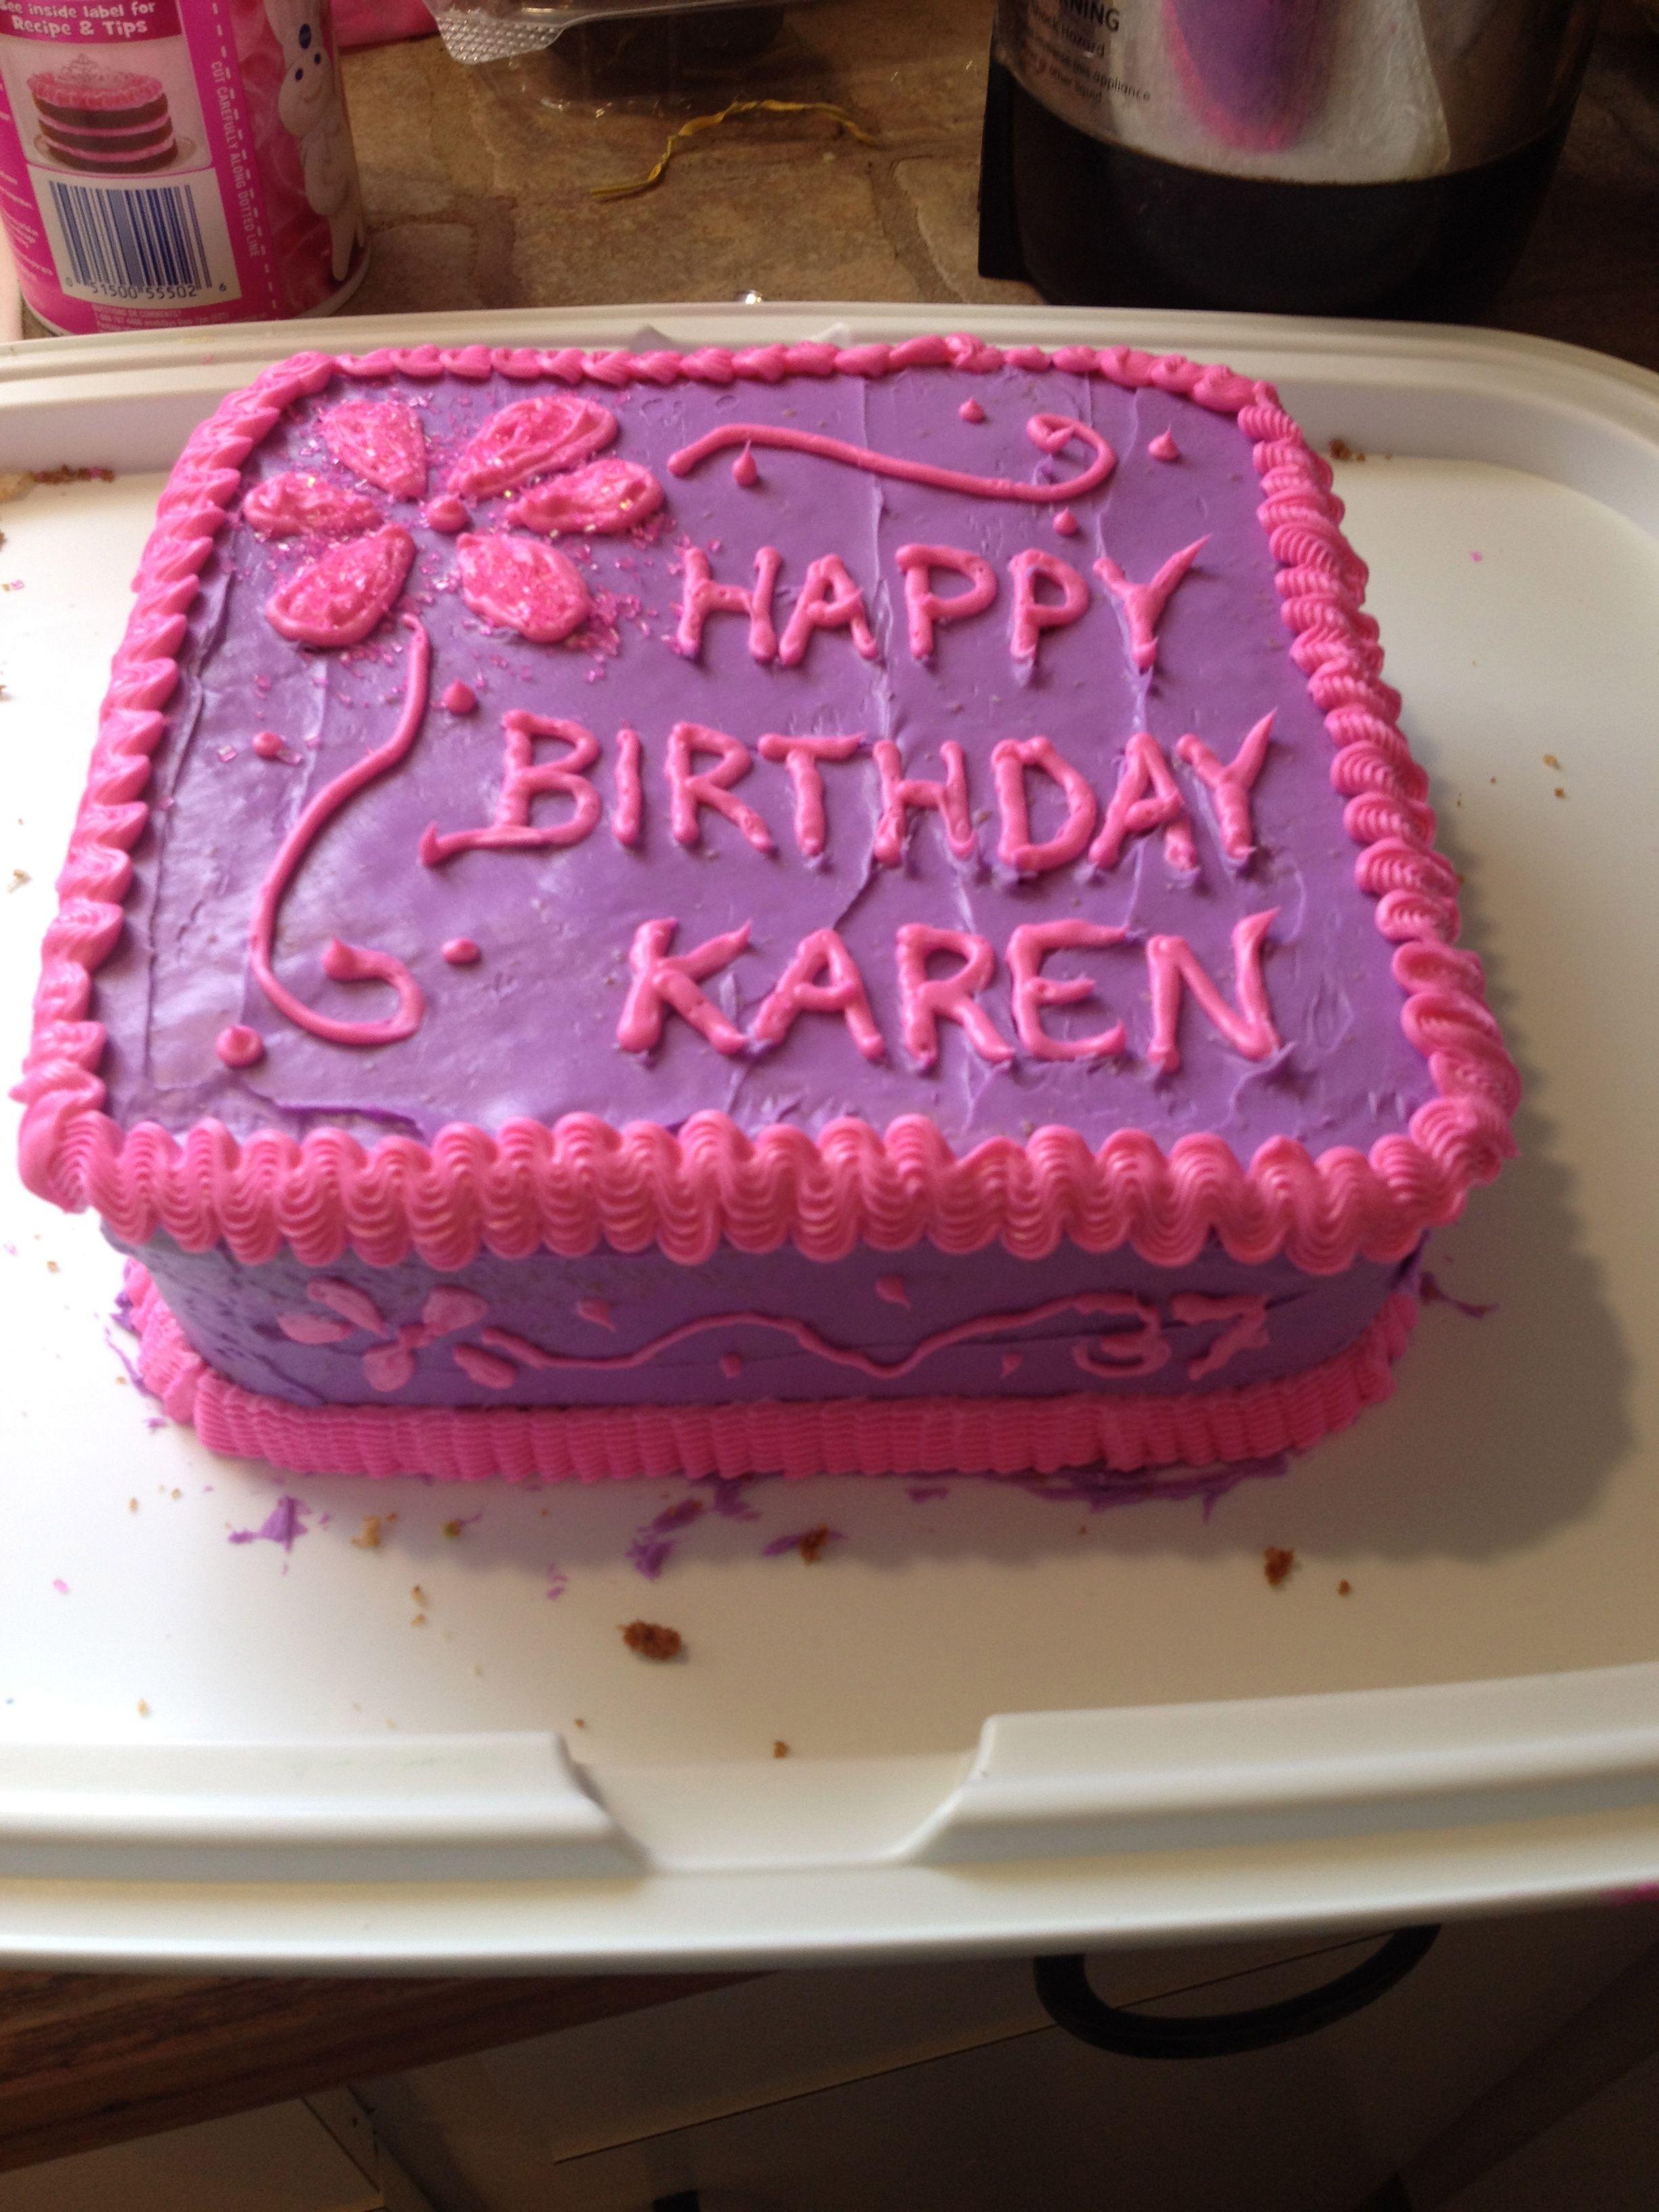 Happy Birthday Karen Fun Time Cakes Cupcake Cakes Pinterest